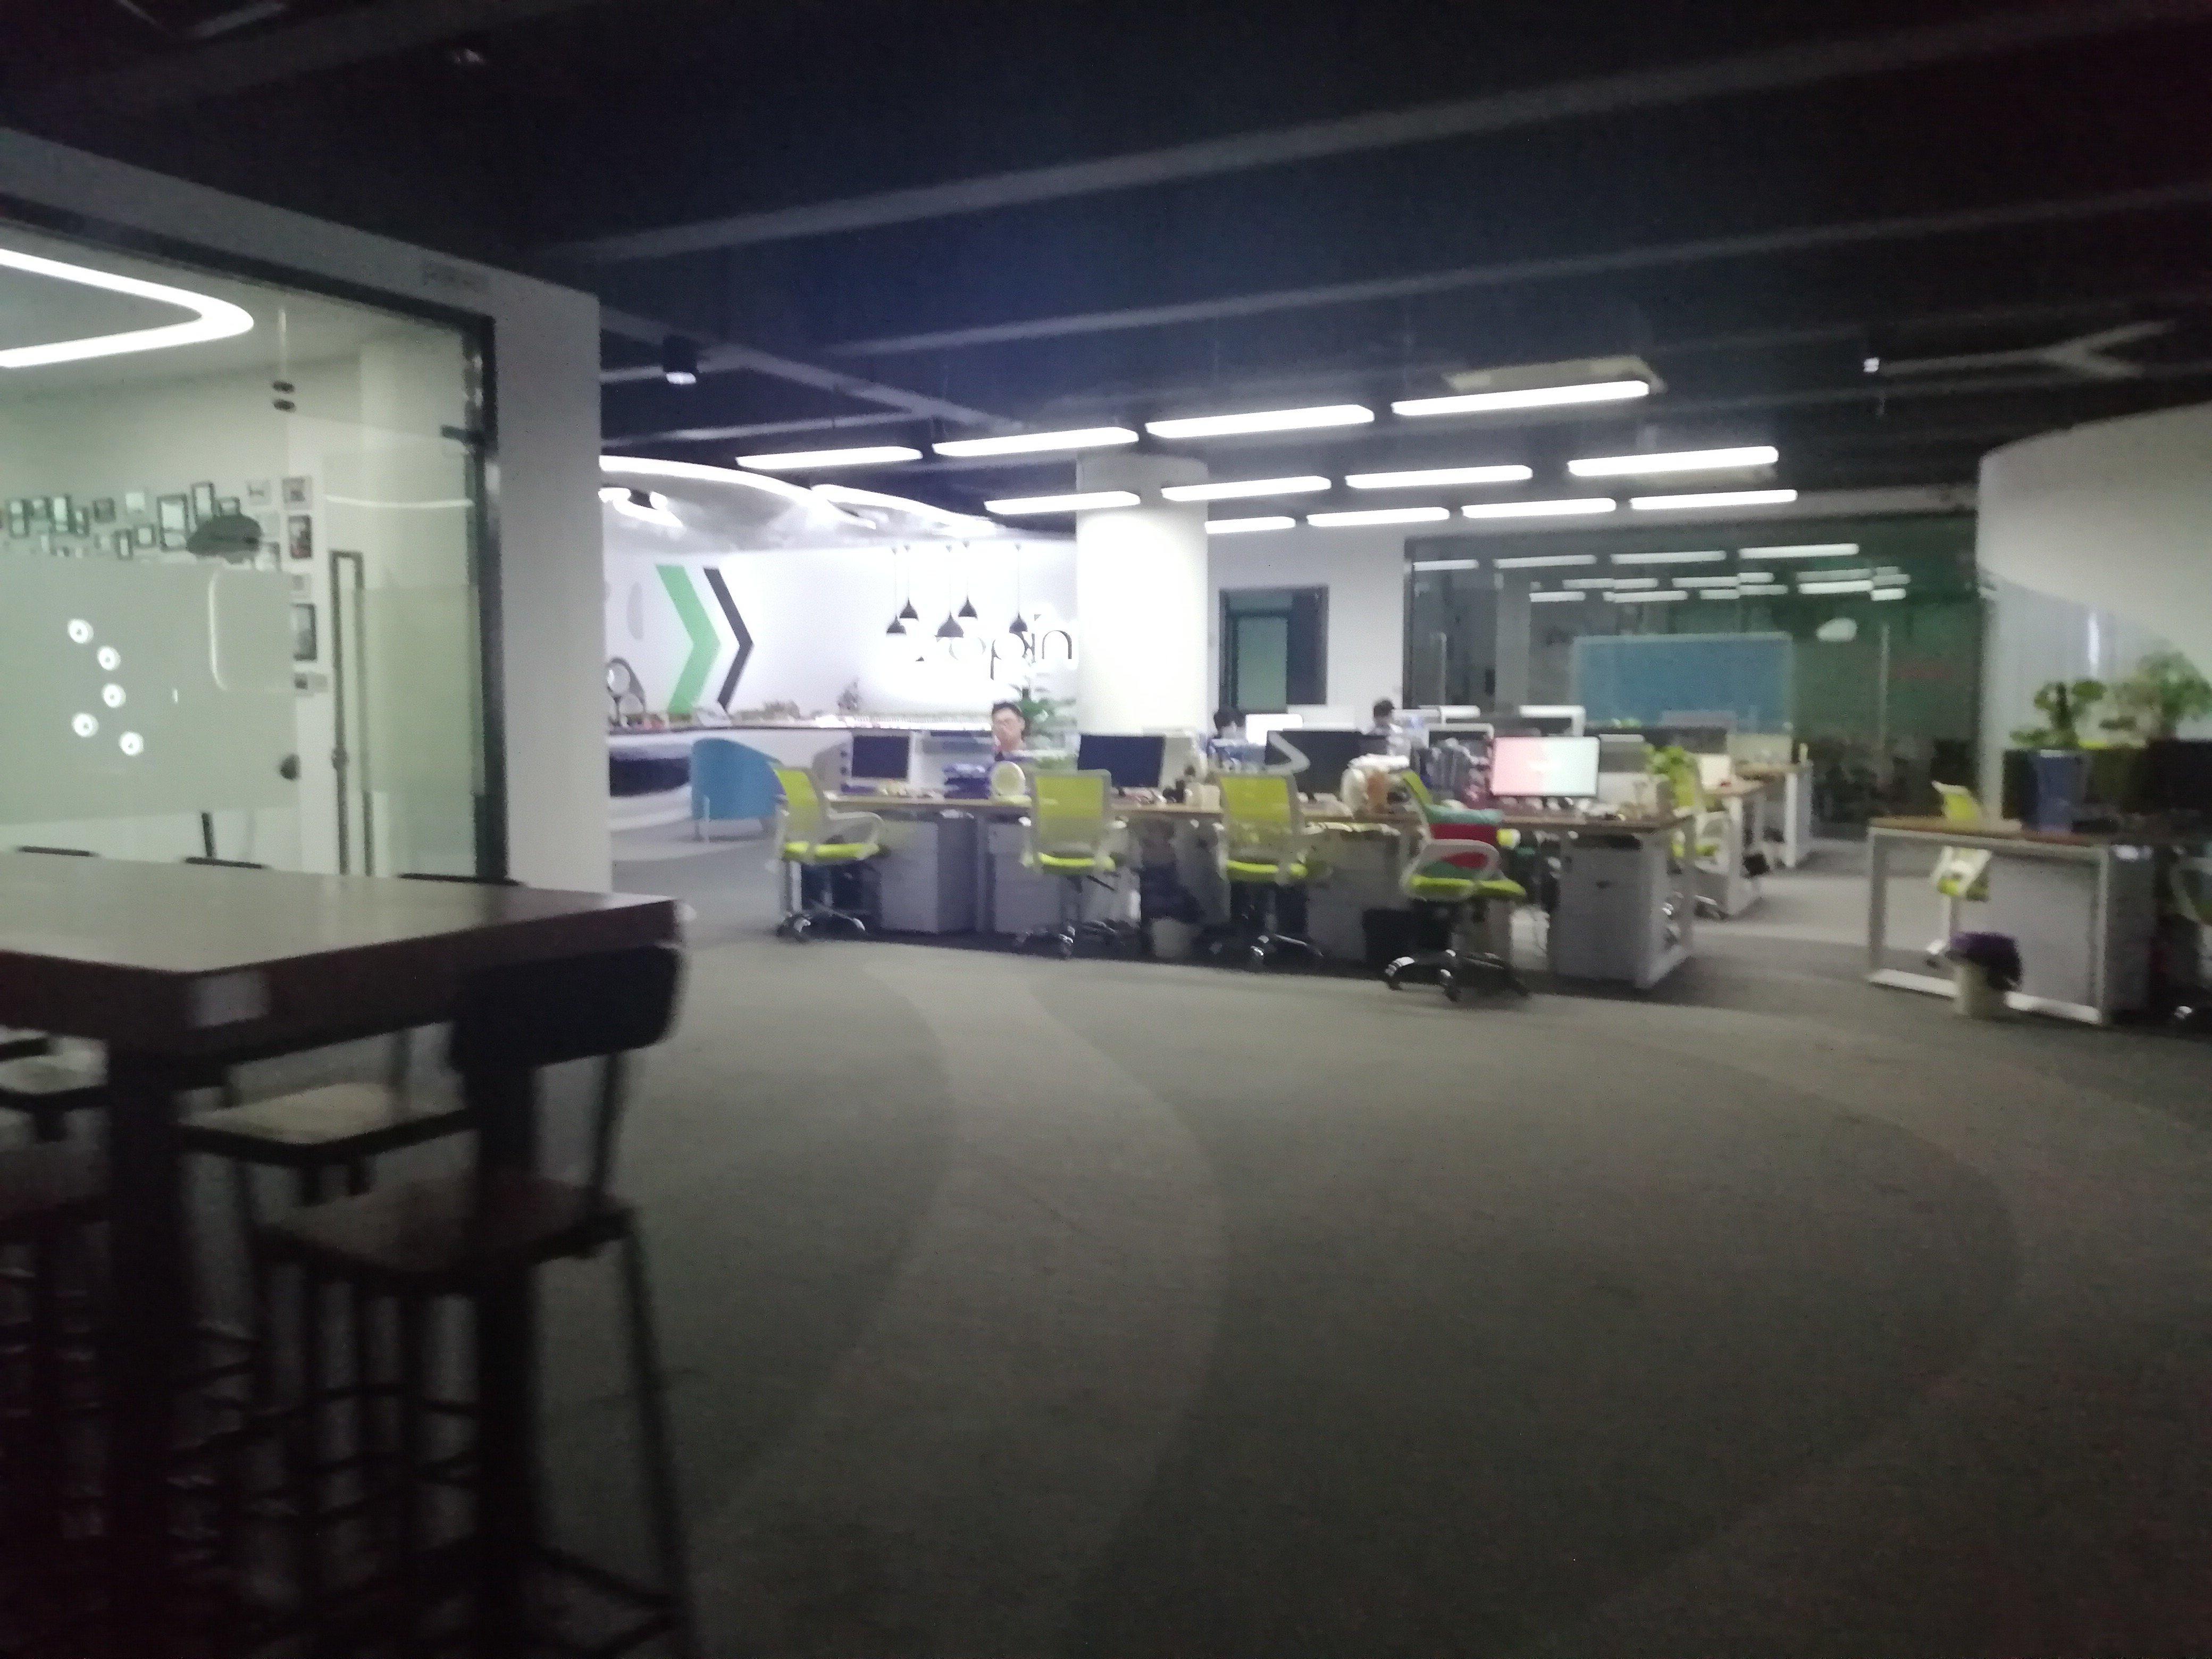 福永地铁站400平米办公贸易电商场地出租